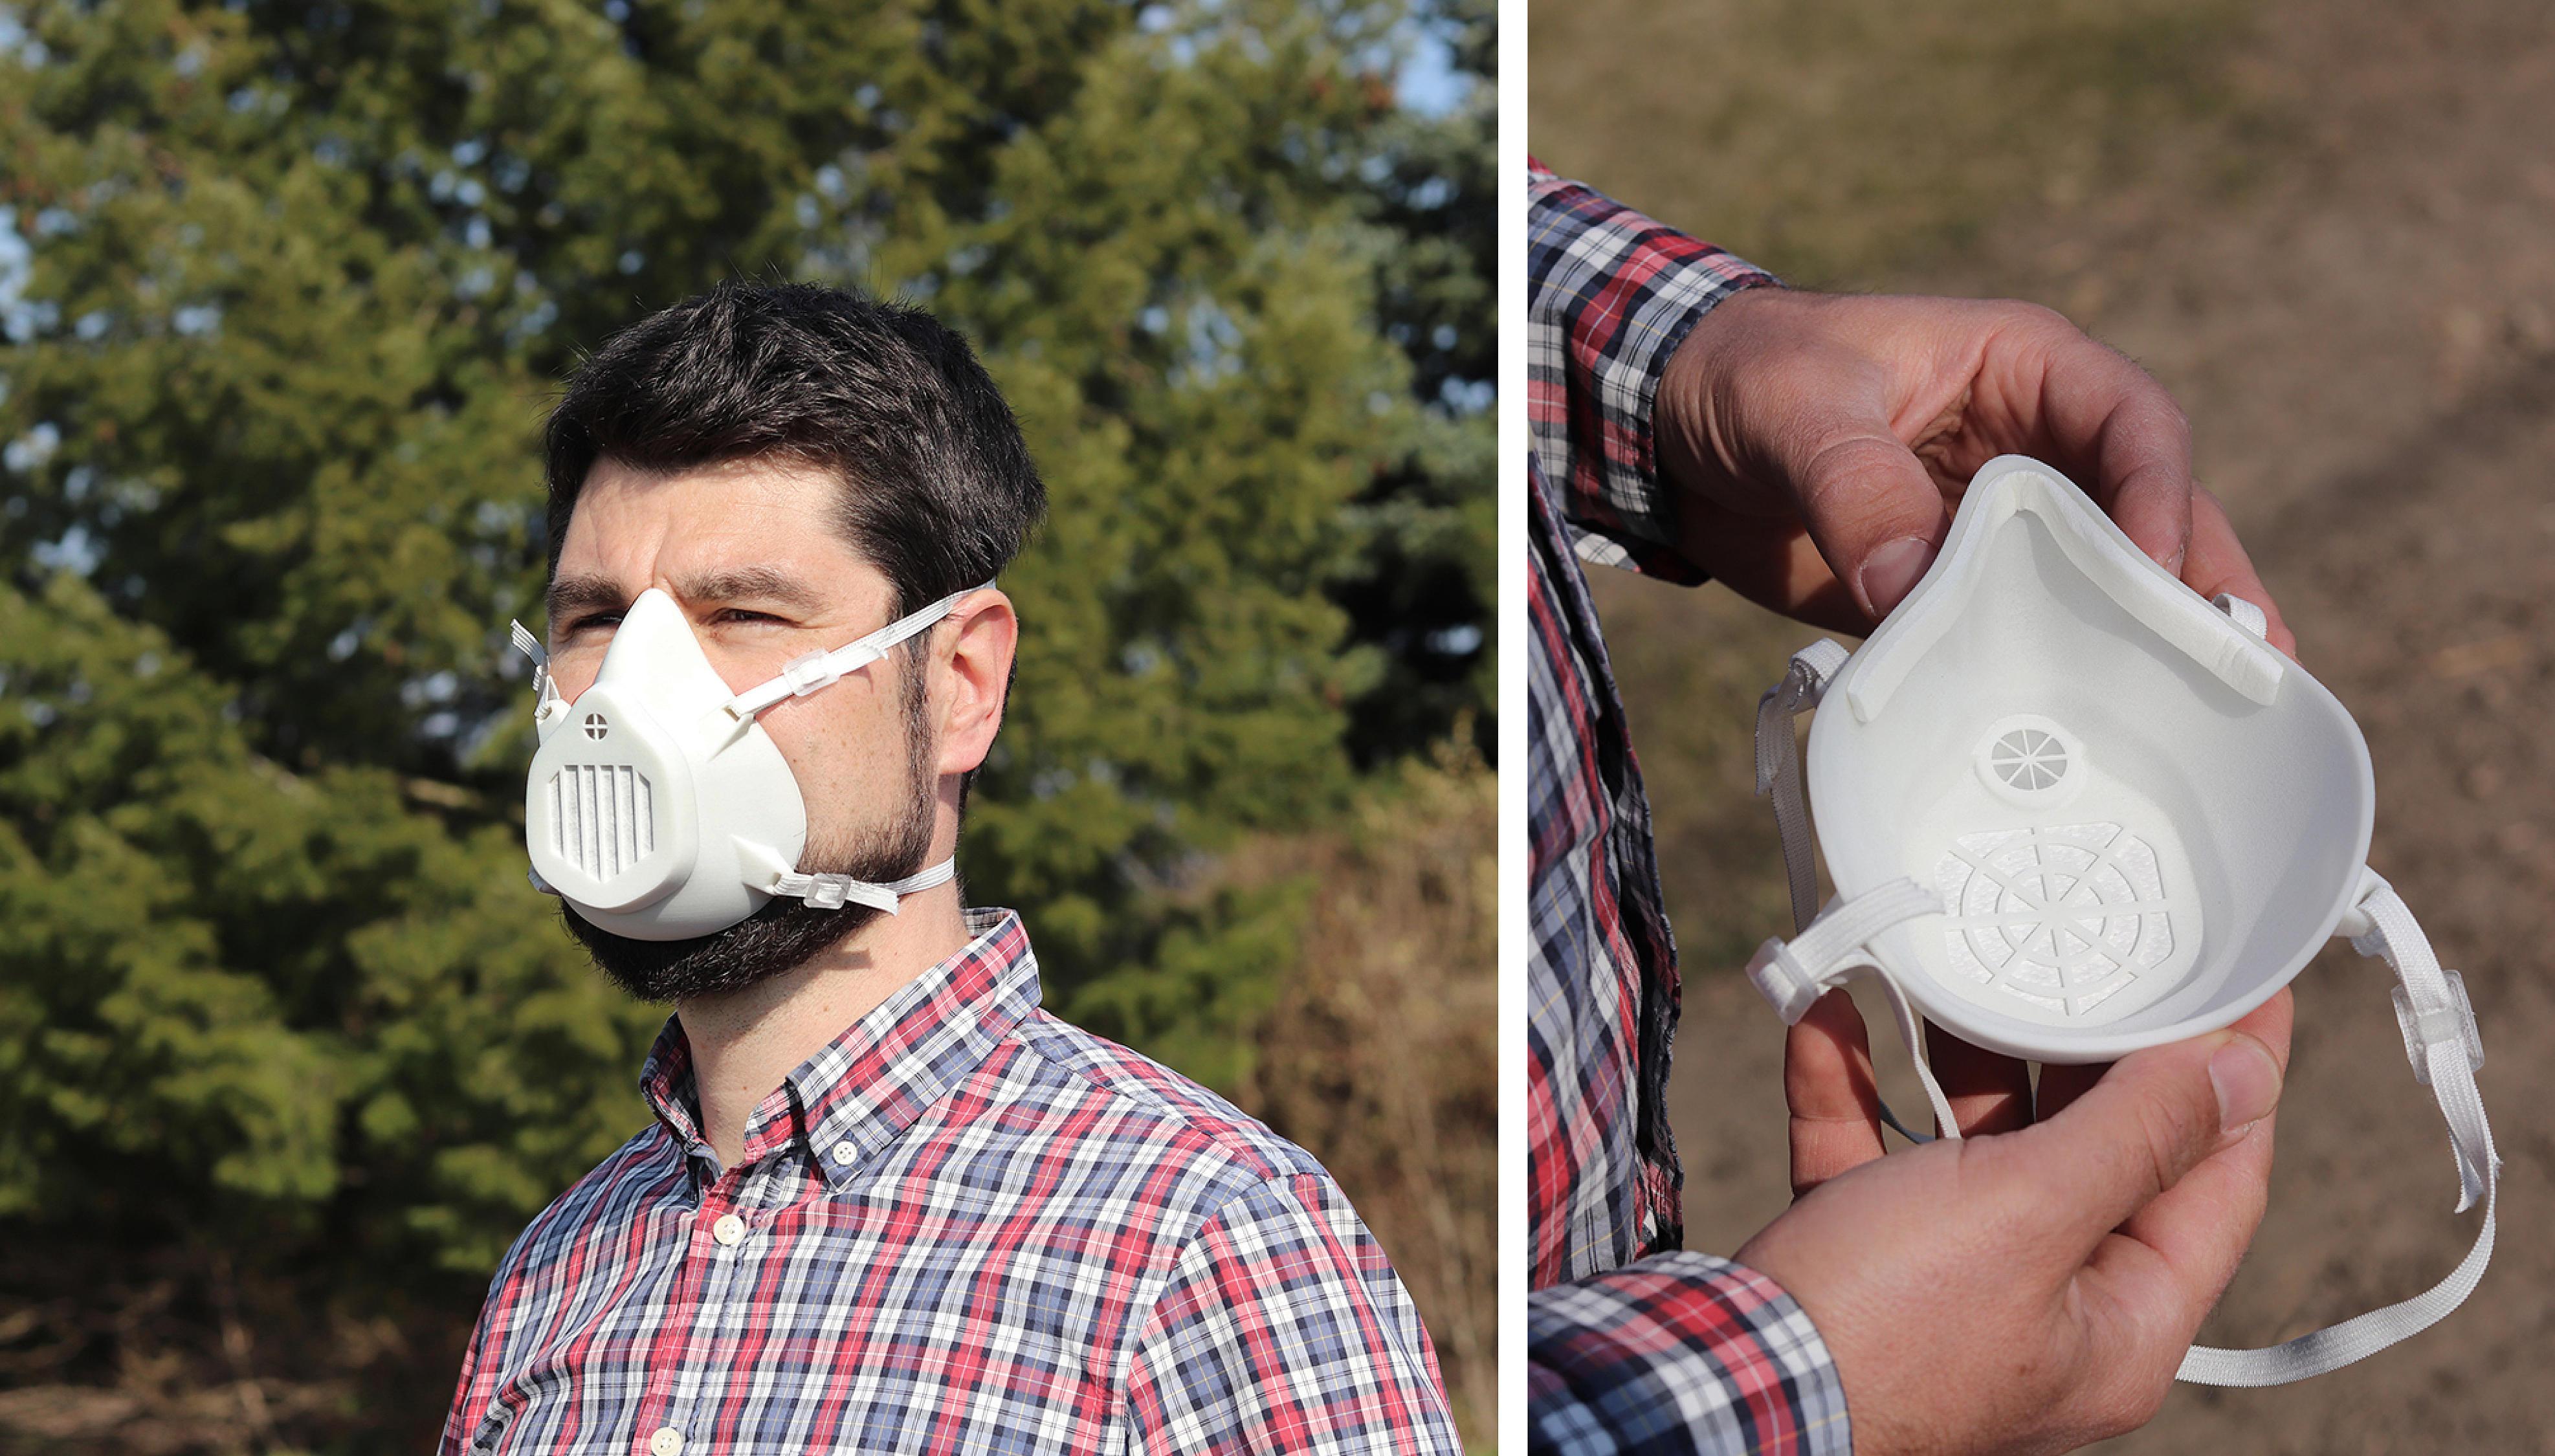 Sebastian Scholz trägt eine Atemschutzmaske. Rechts: Atemschutzmaske in Scholzes Händen im Detail abgebildet.